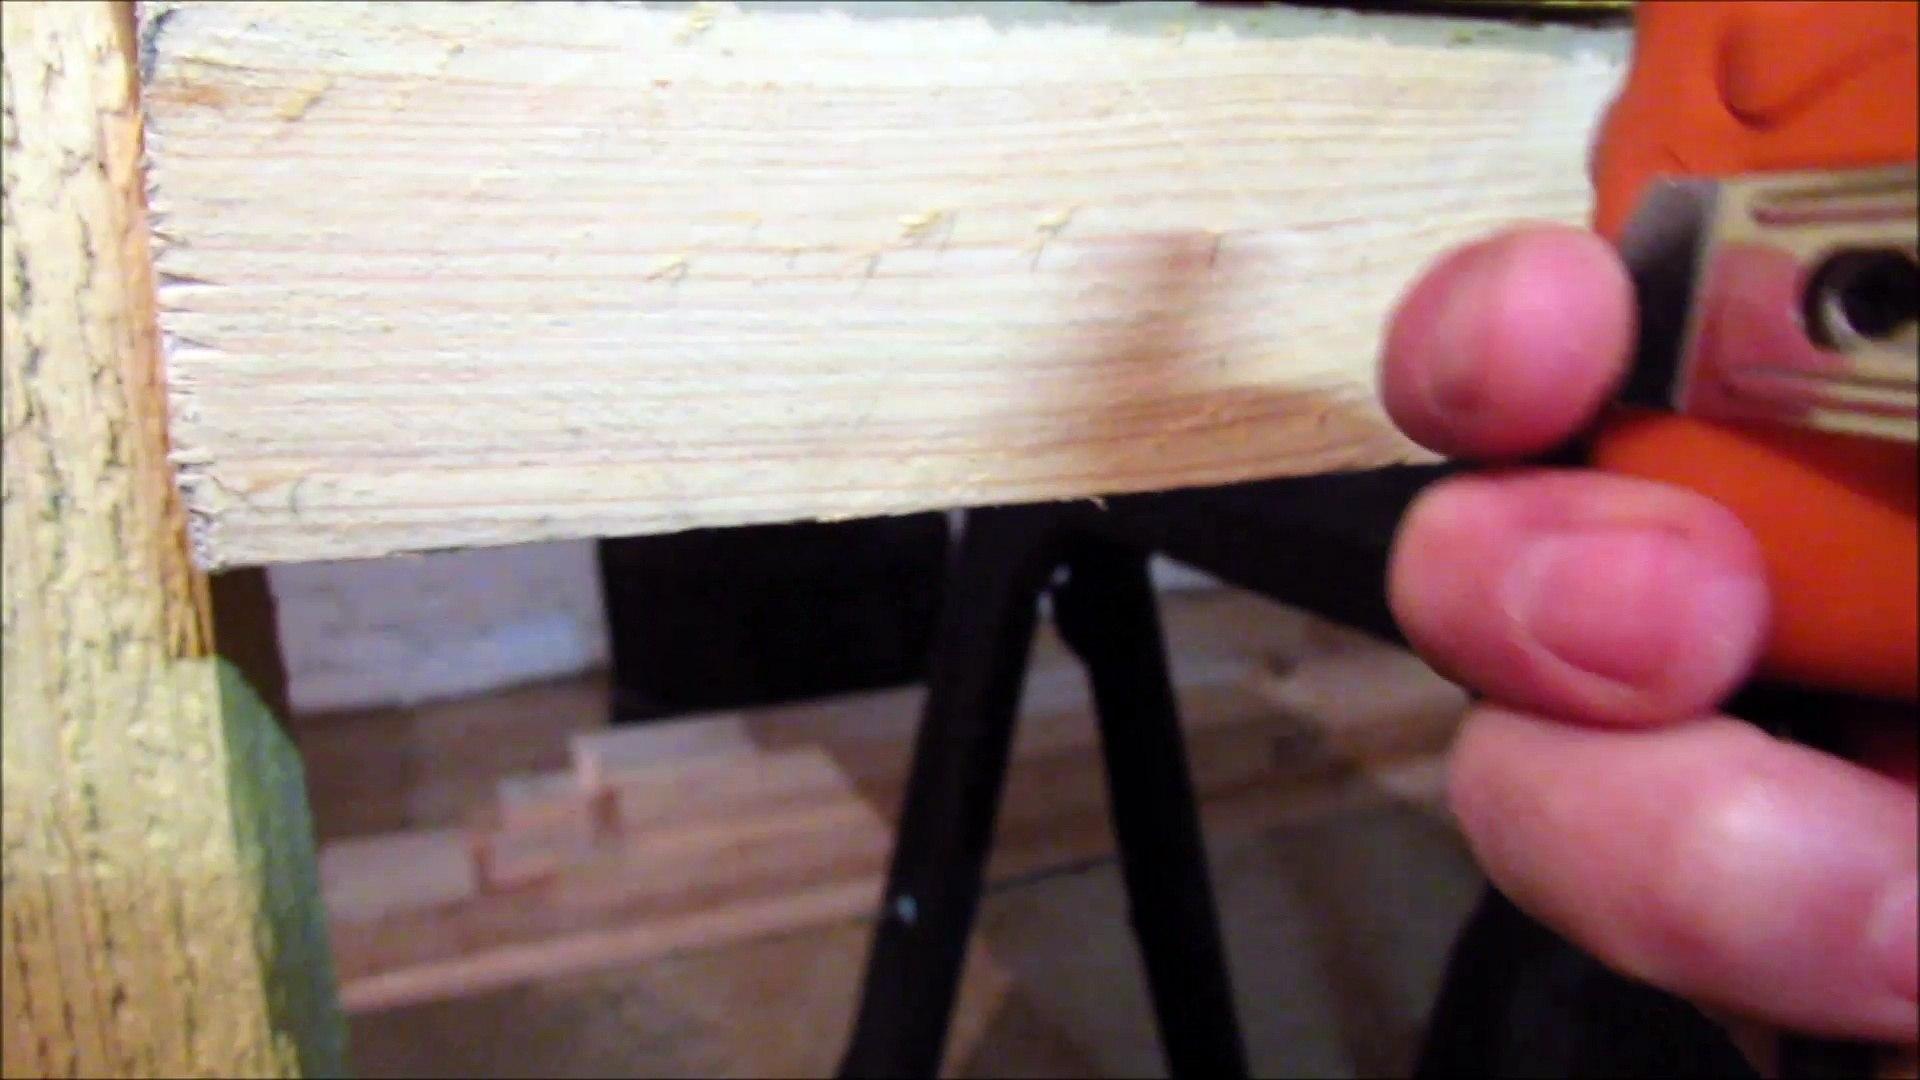 Construire Un Etabli Multifonction bricolage : comment fabriquer un établi de travail en bois-work bench